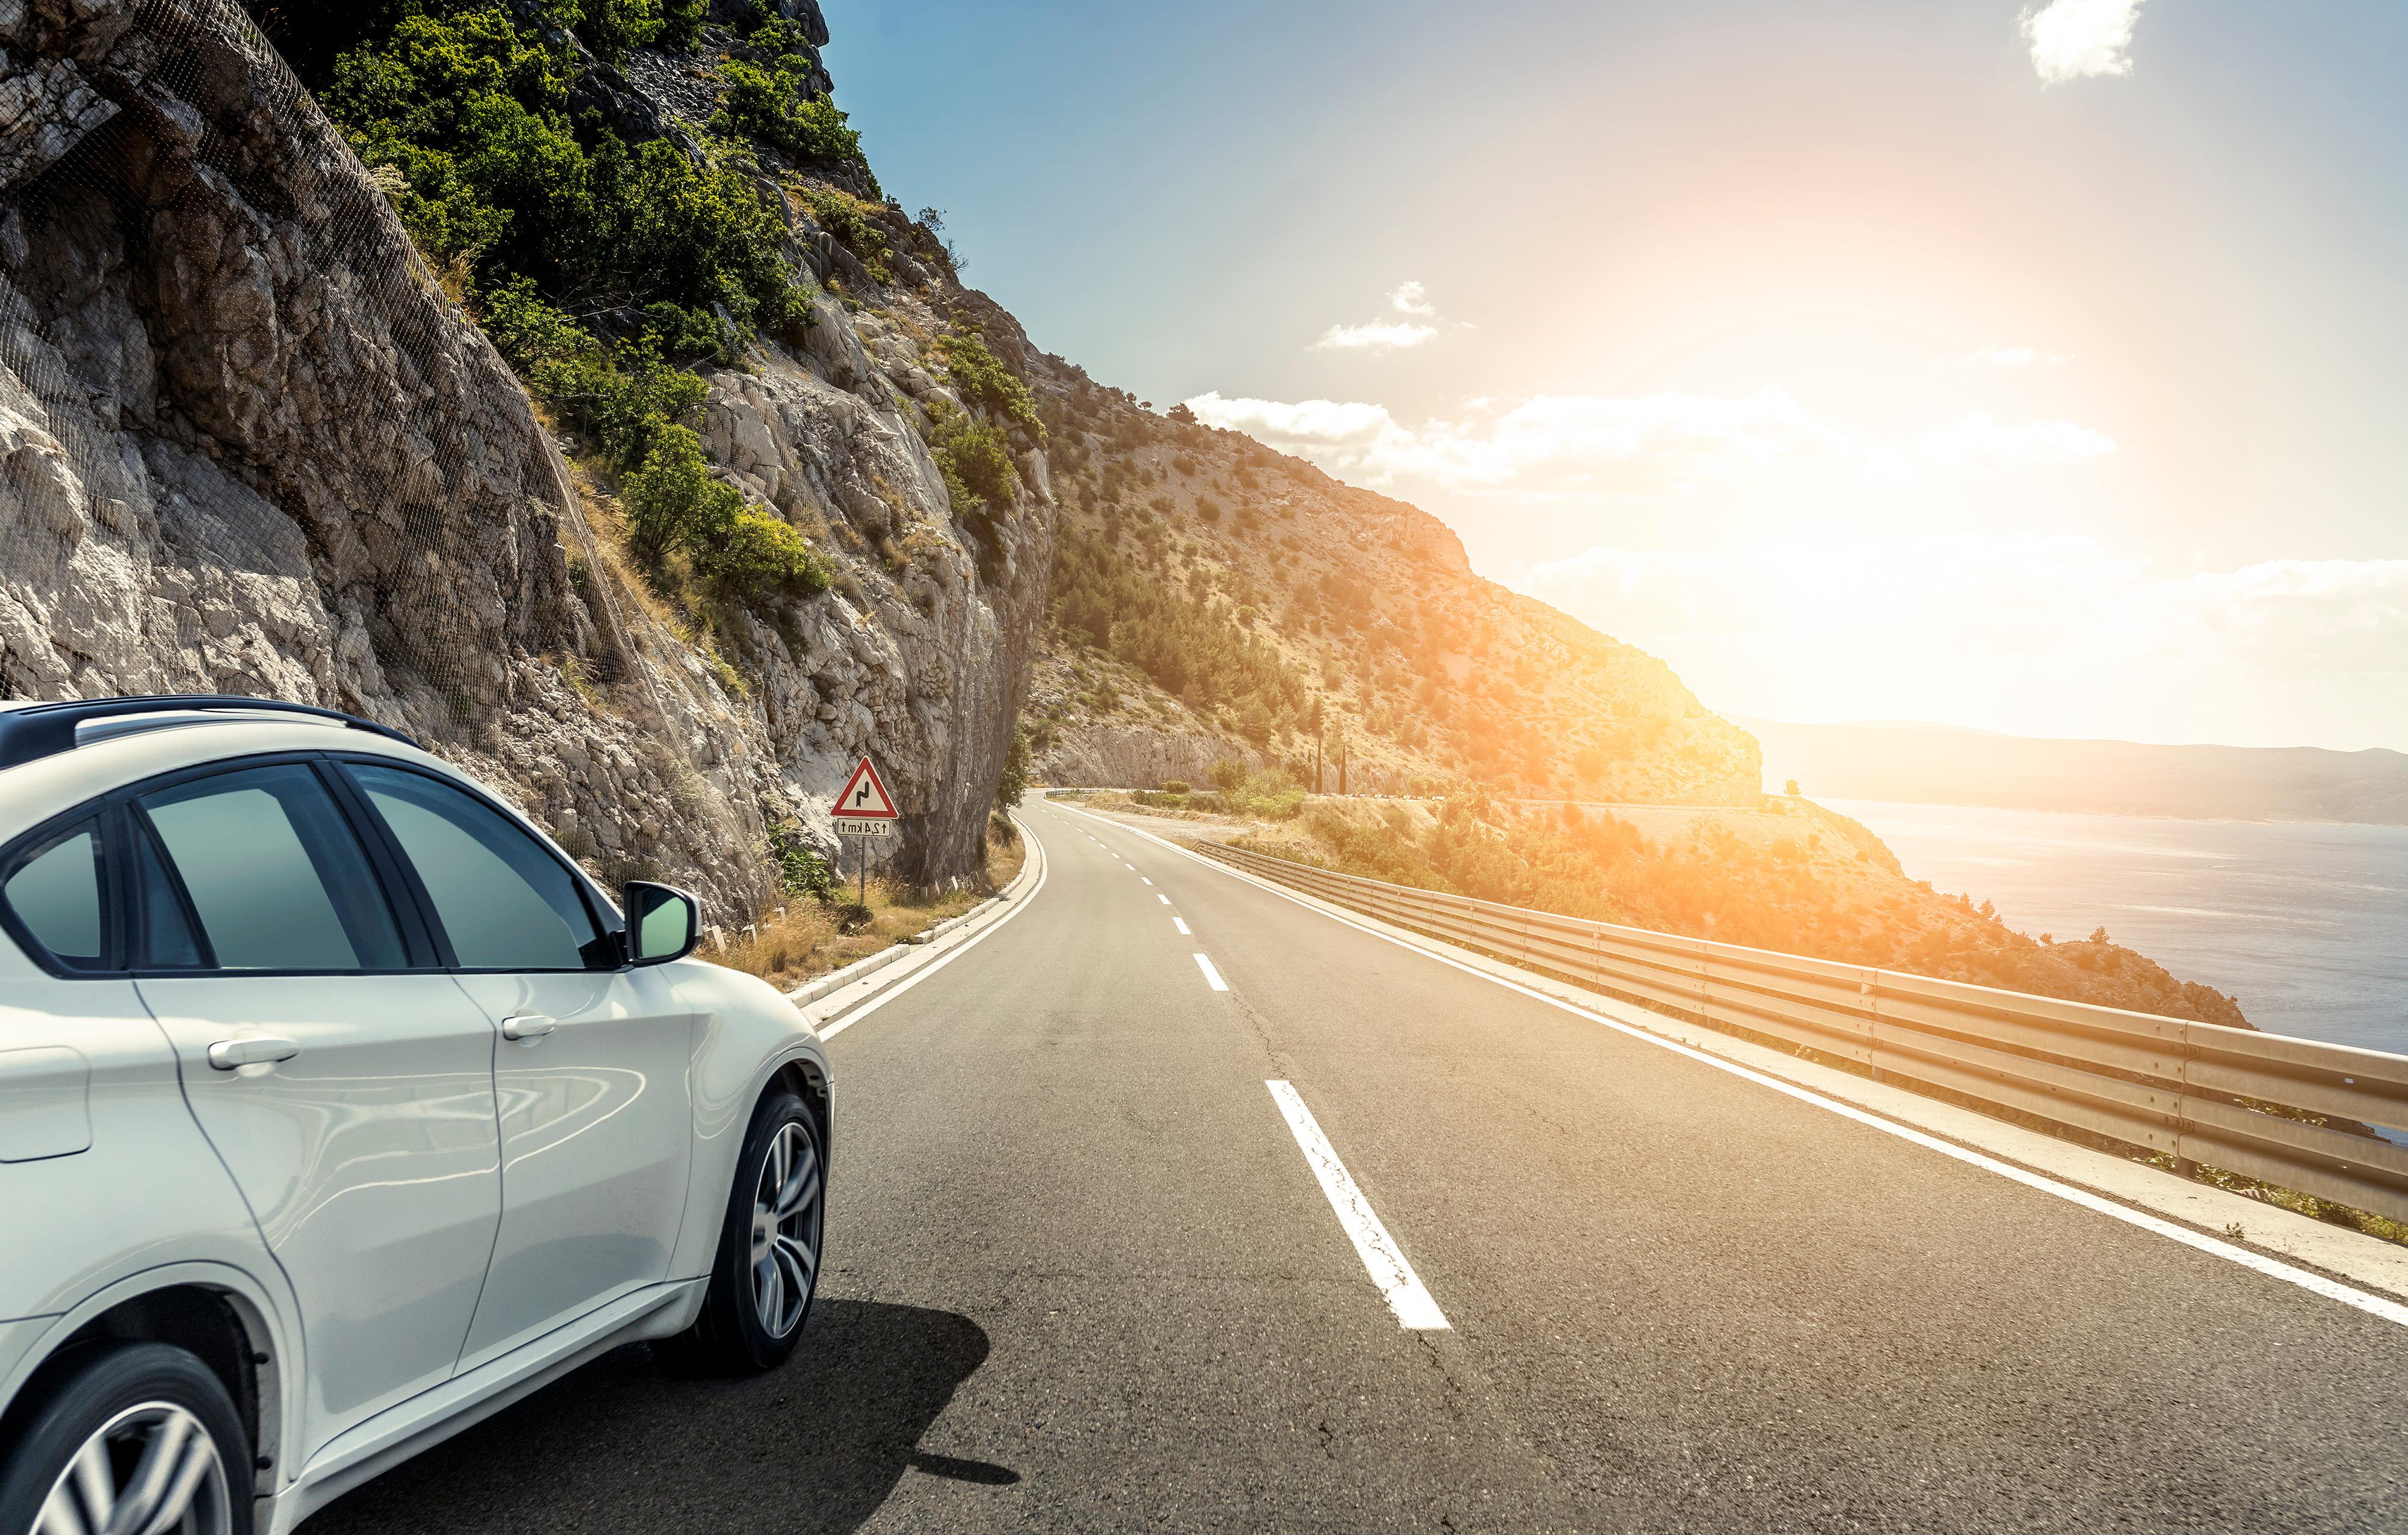 「ステラ」の中古車を自社ローンで購入した方の車両価格相場と口コミ(体験談)